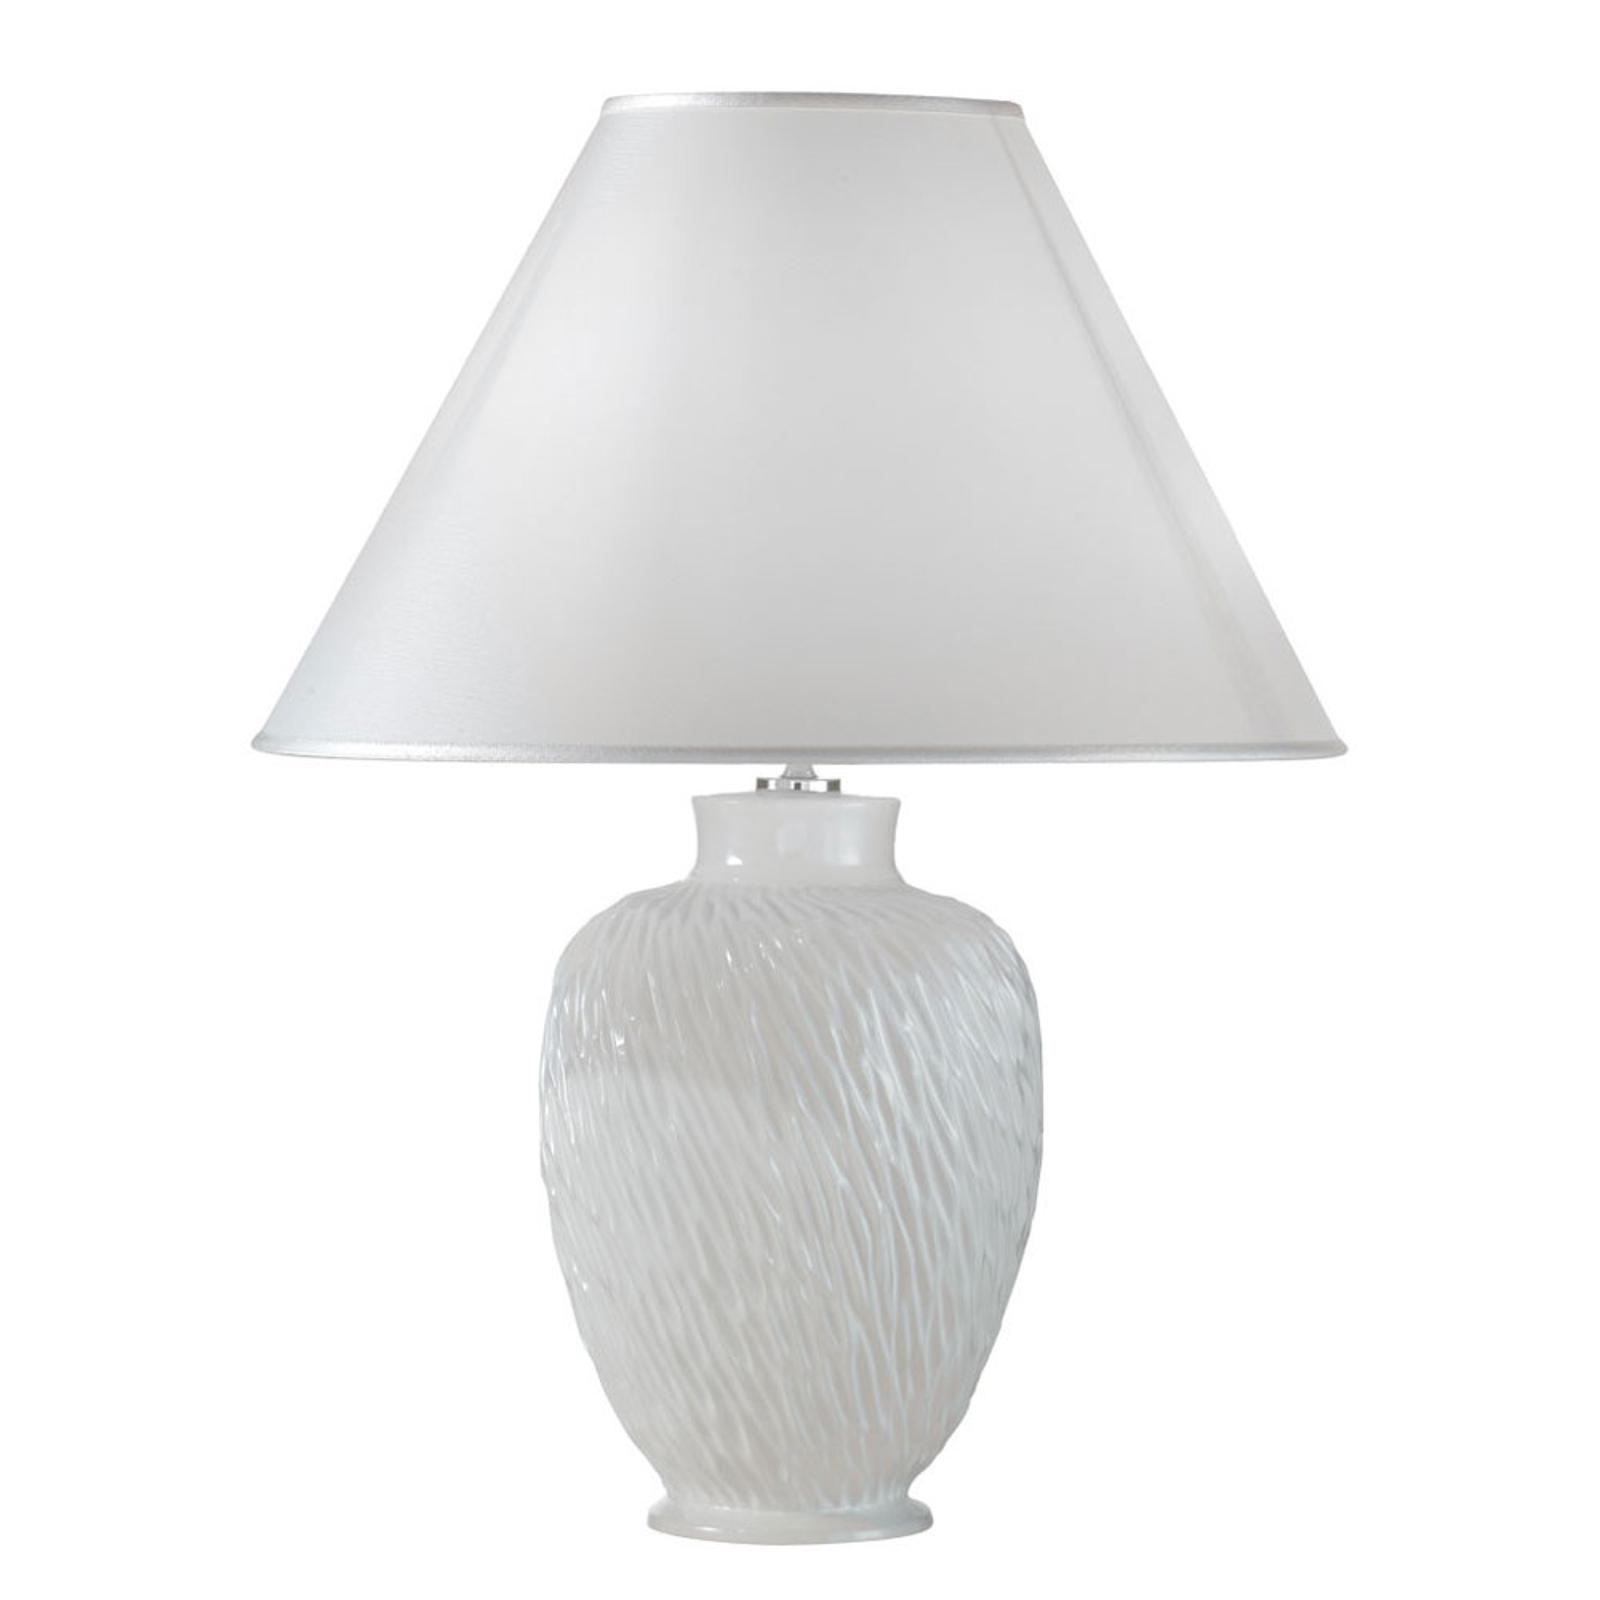 Tafellamp Chiara van keramiek, in wit, Ø 40 cm